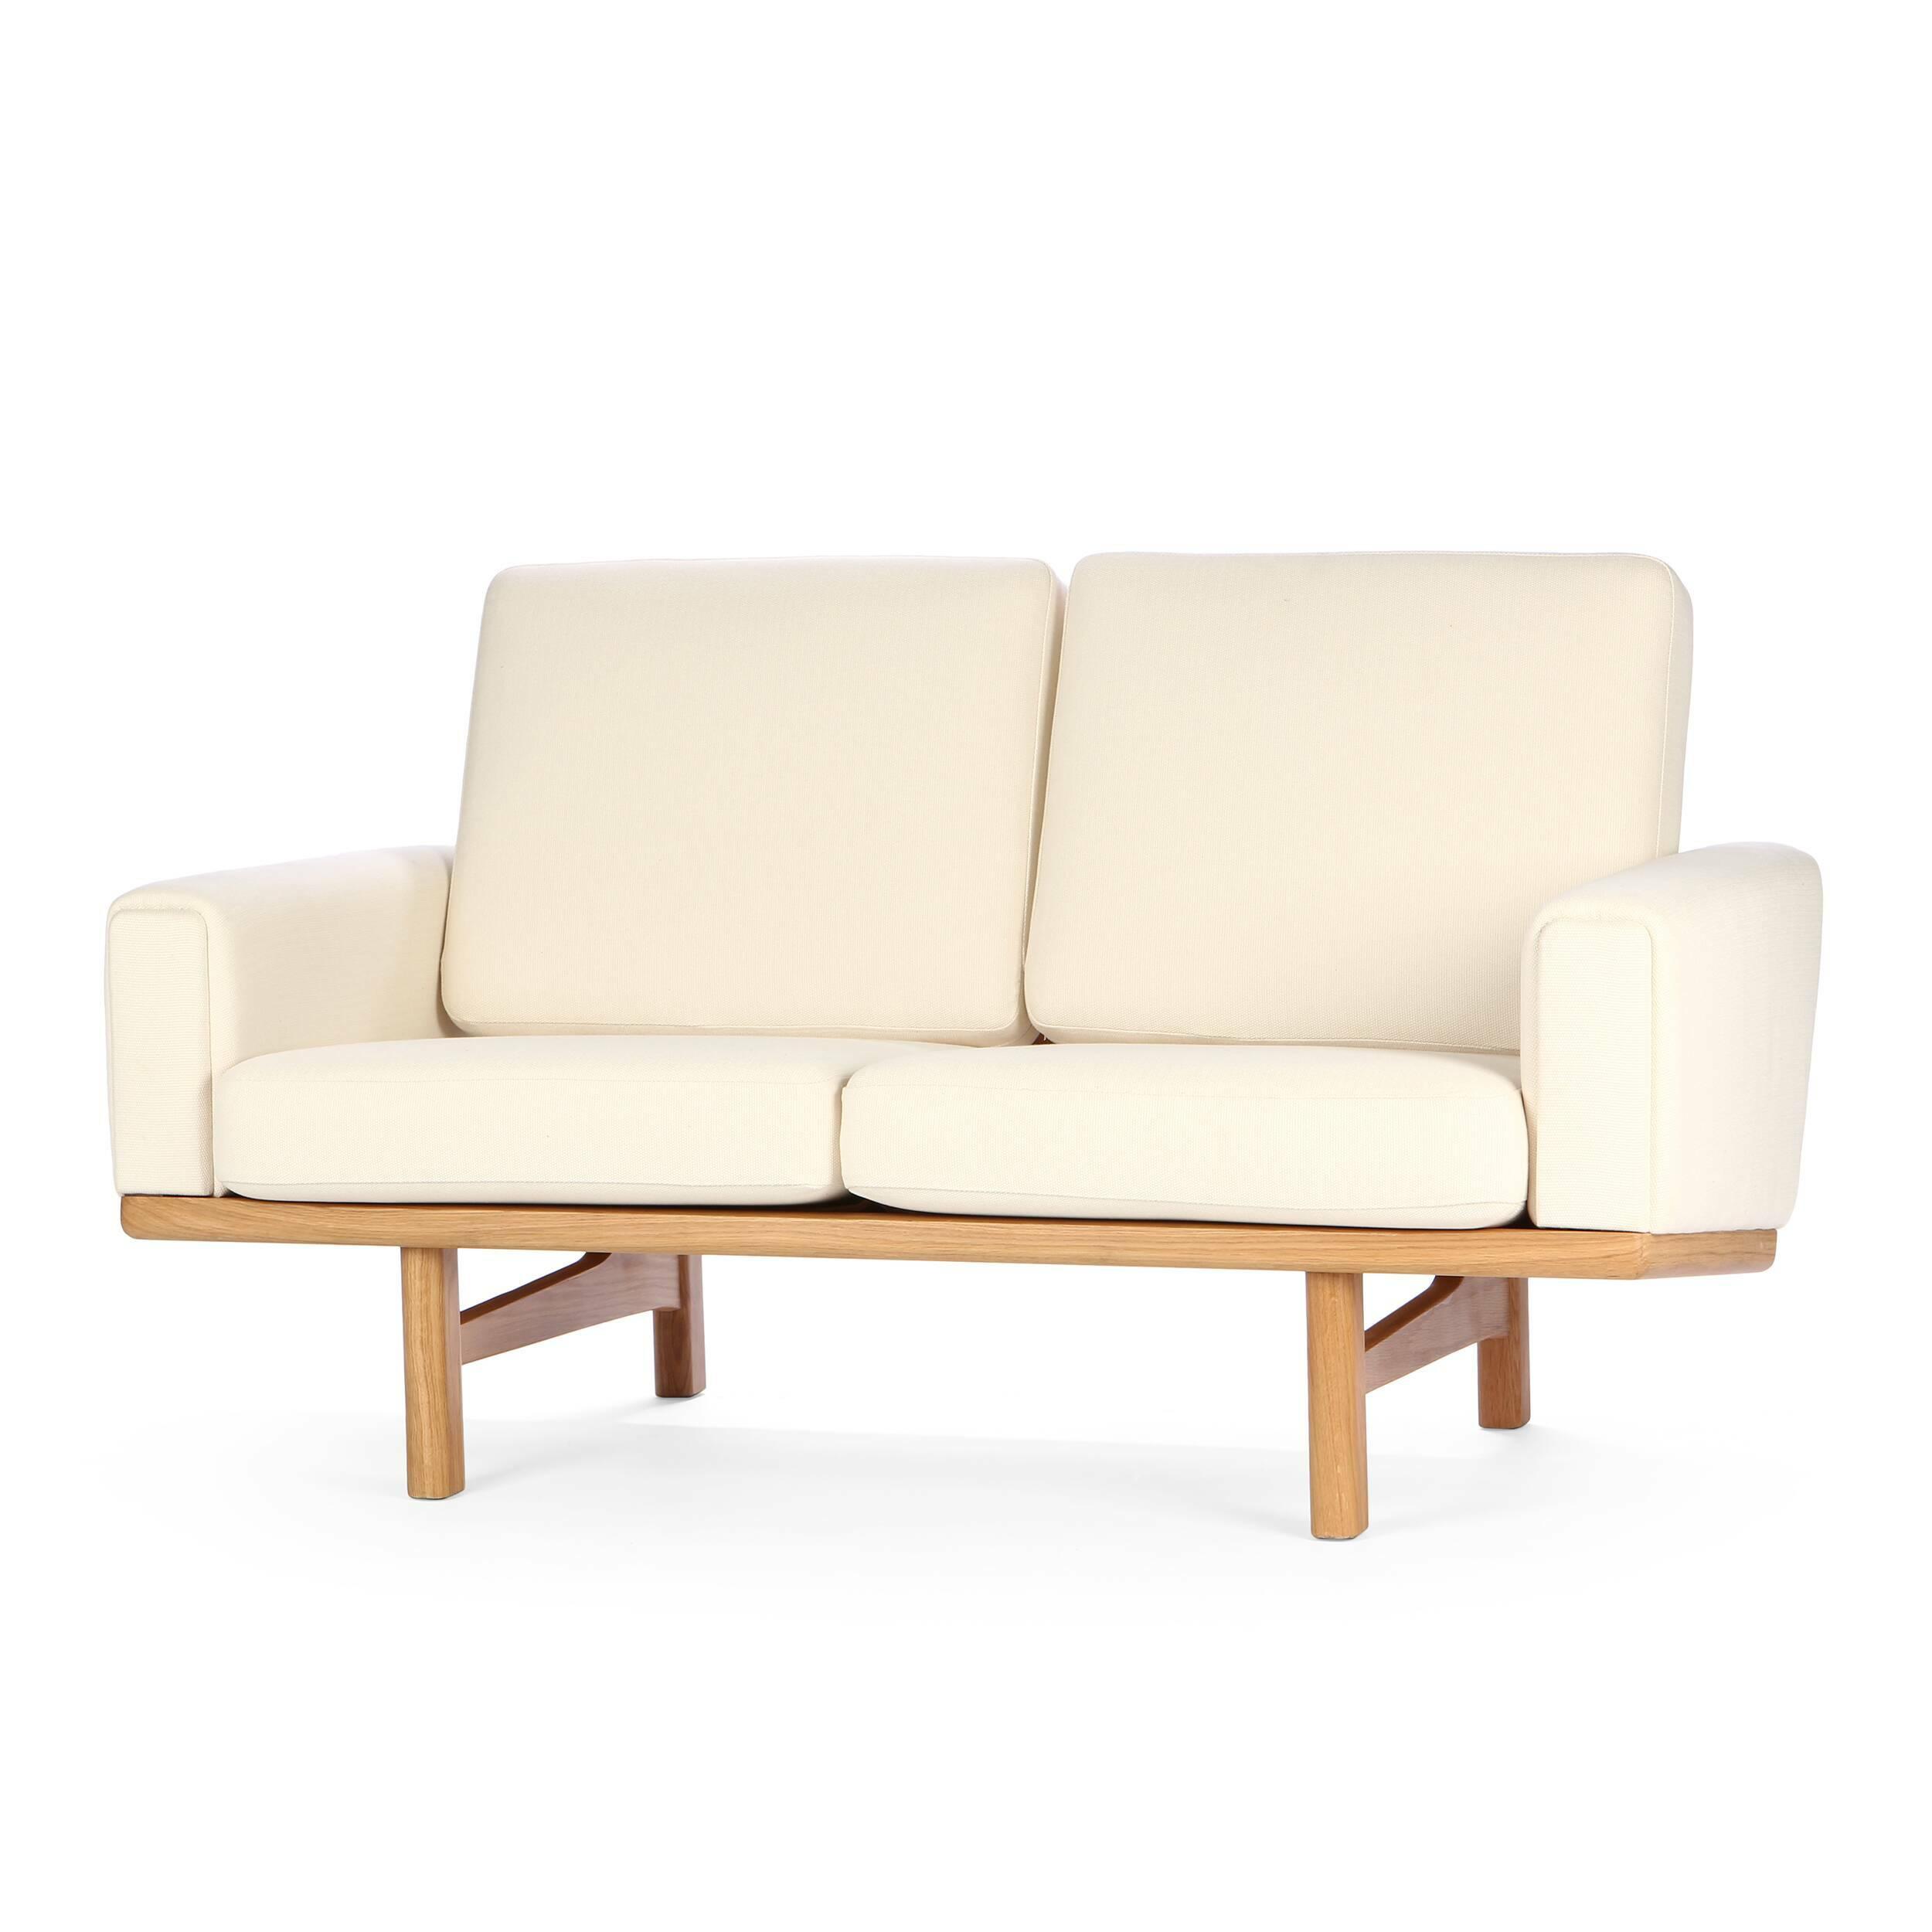 Диван Wegner 236 длина 149,5Двухместные<br>Дизайнерский cтильный диван Wegner (Вегнер) 236 длина 149,5 из ткани на деревянных ножках от Cosmo (Космо).<br><br>Диван Wegner 236 длина 149,5 является работой известнейшего датского дизайнера-проектировщика Ханса Вегнера. Проекты автора известны всему миру, многие из них используются в разного рода важных событиях, например, в серьезных телевизионных передачах. Диван Wegner носит яркий авторский почерк, отличается оригинальным, но простым дизайном.<br><br> Оригинальные проекты Ханса Вегнера созд...<br><br>stock: 0<br>Высота: 80<br>Высота сиденья: 40<br>Глубина: 86<br>Длина: 149,5<br>Материал каркаса: Массив дуба<br>Материал обивки: Хлопок<br>Тип материала каркаса: Дерево<br>Коллекция ткани: Charles Fabric<br>Тип материала обивки: Ткань<br>Цвет обивки: Кремовый<br>Цвет каркаса: Дуб